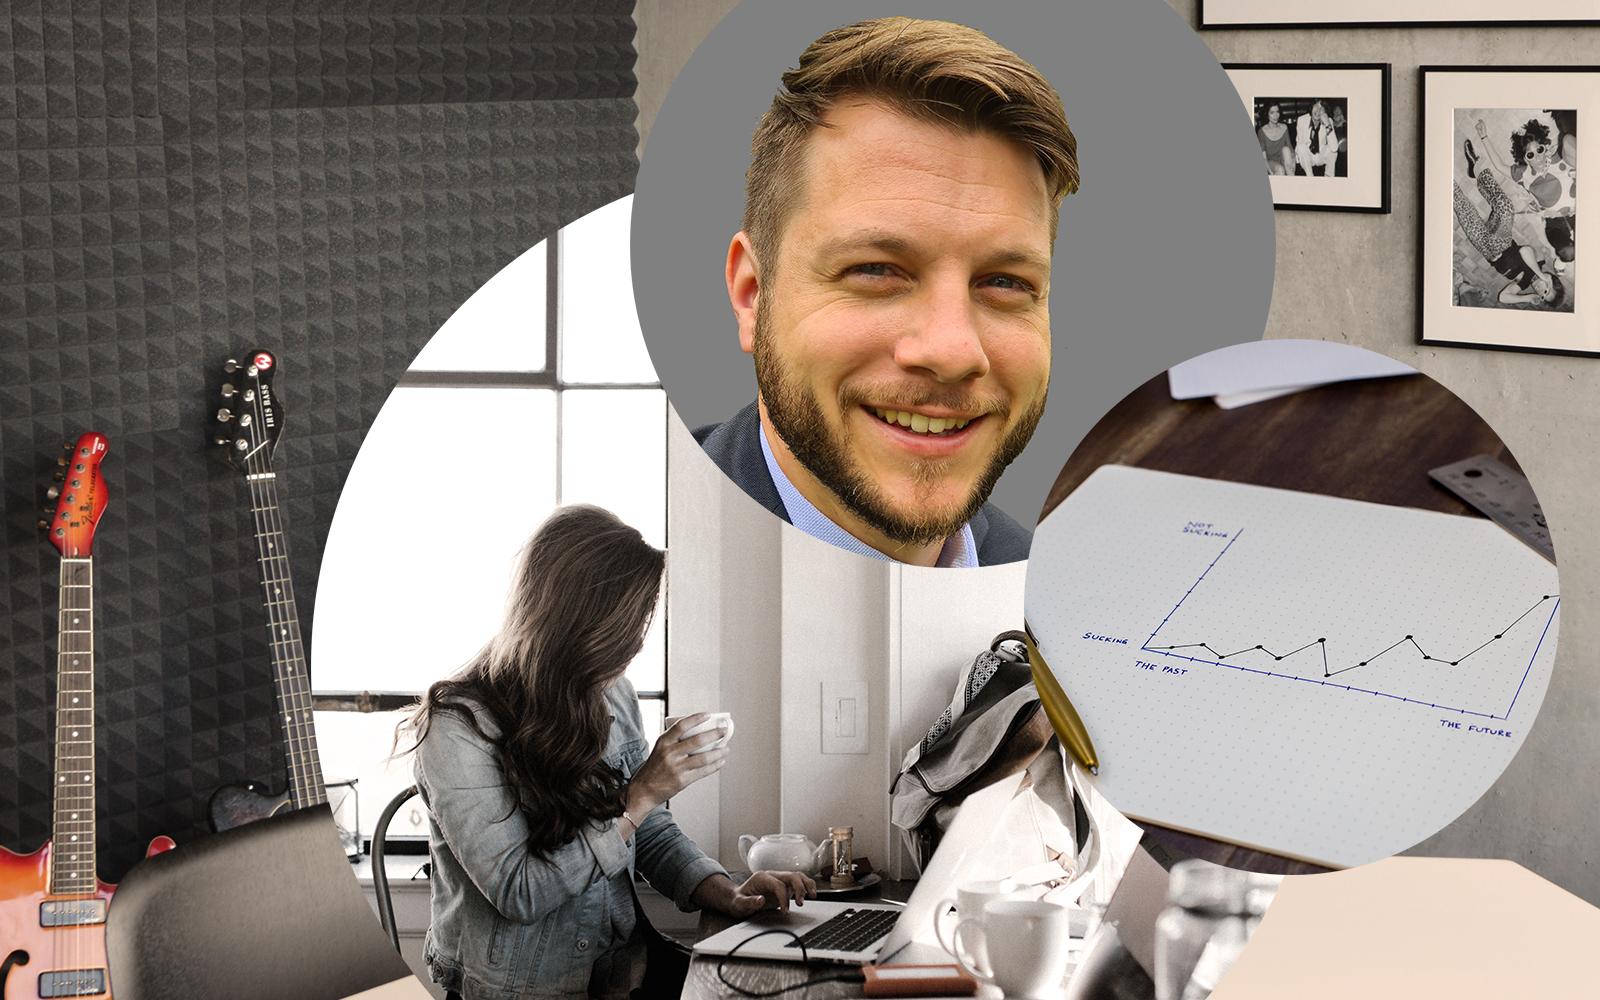 Bild von Fabian Littau, valantic, daneben eine Zeichnung und eine Frau, die in ihren Laptop schaut, digitale Vertriebsstrategien